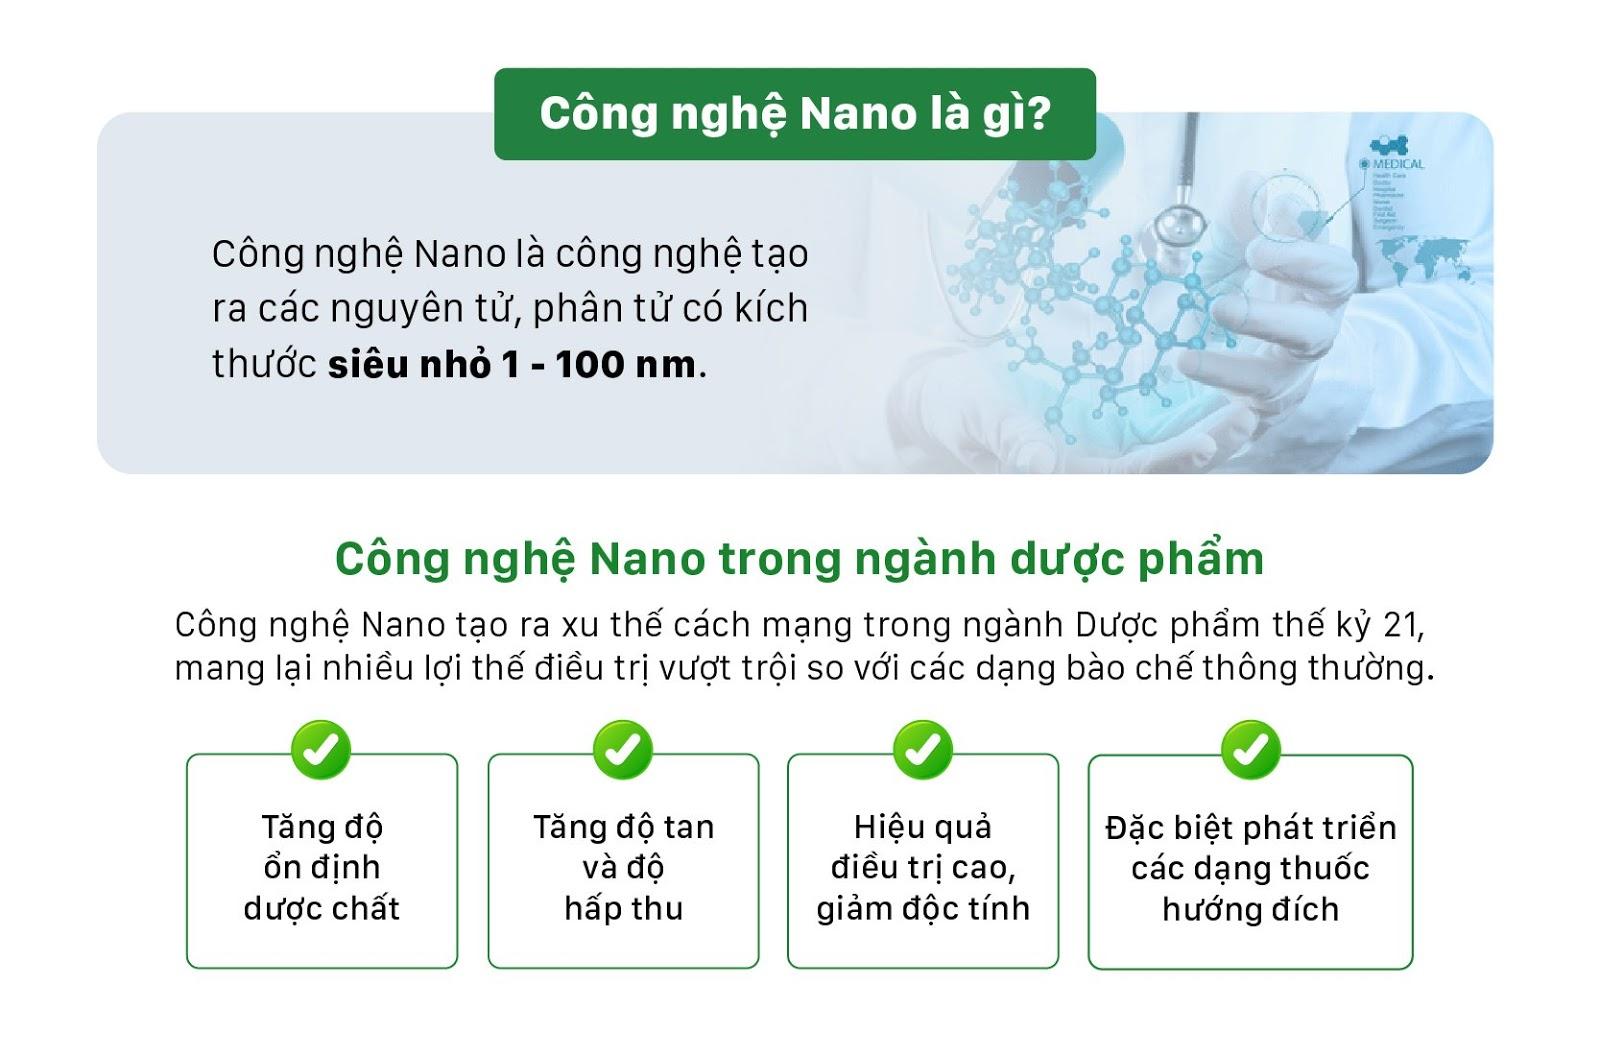 Ứng dụng của Dược liệu Nano trong hỗ trợ điều trị ung thư 1